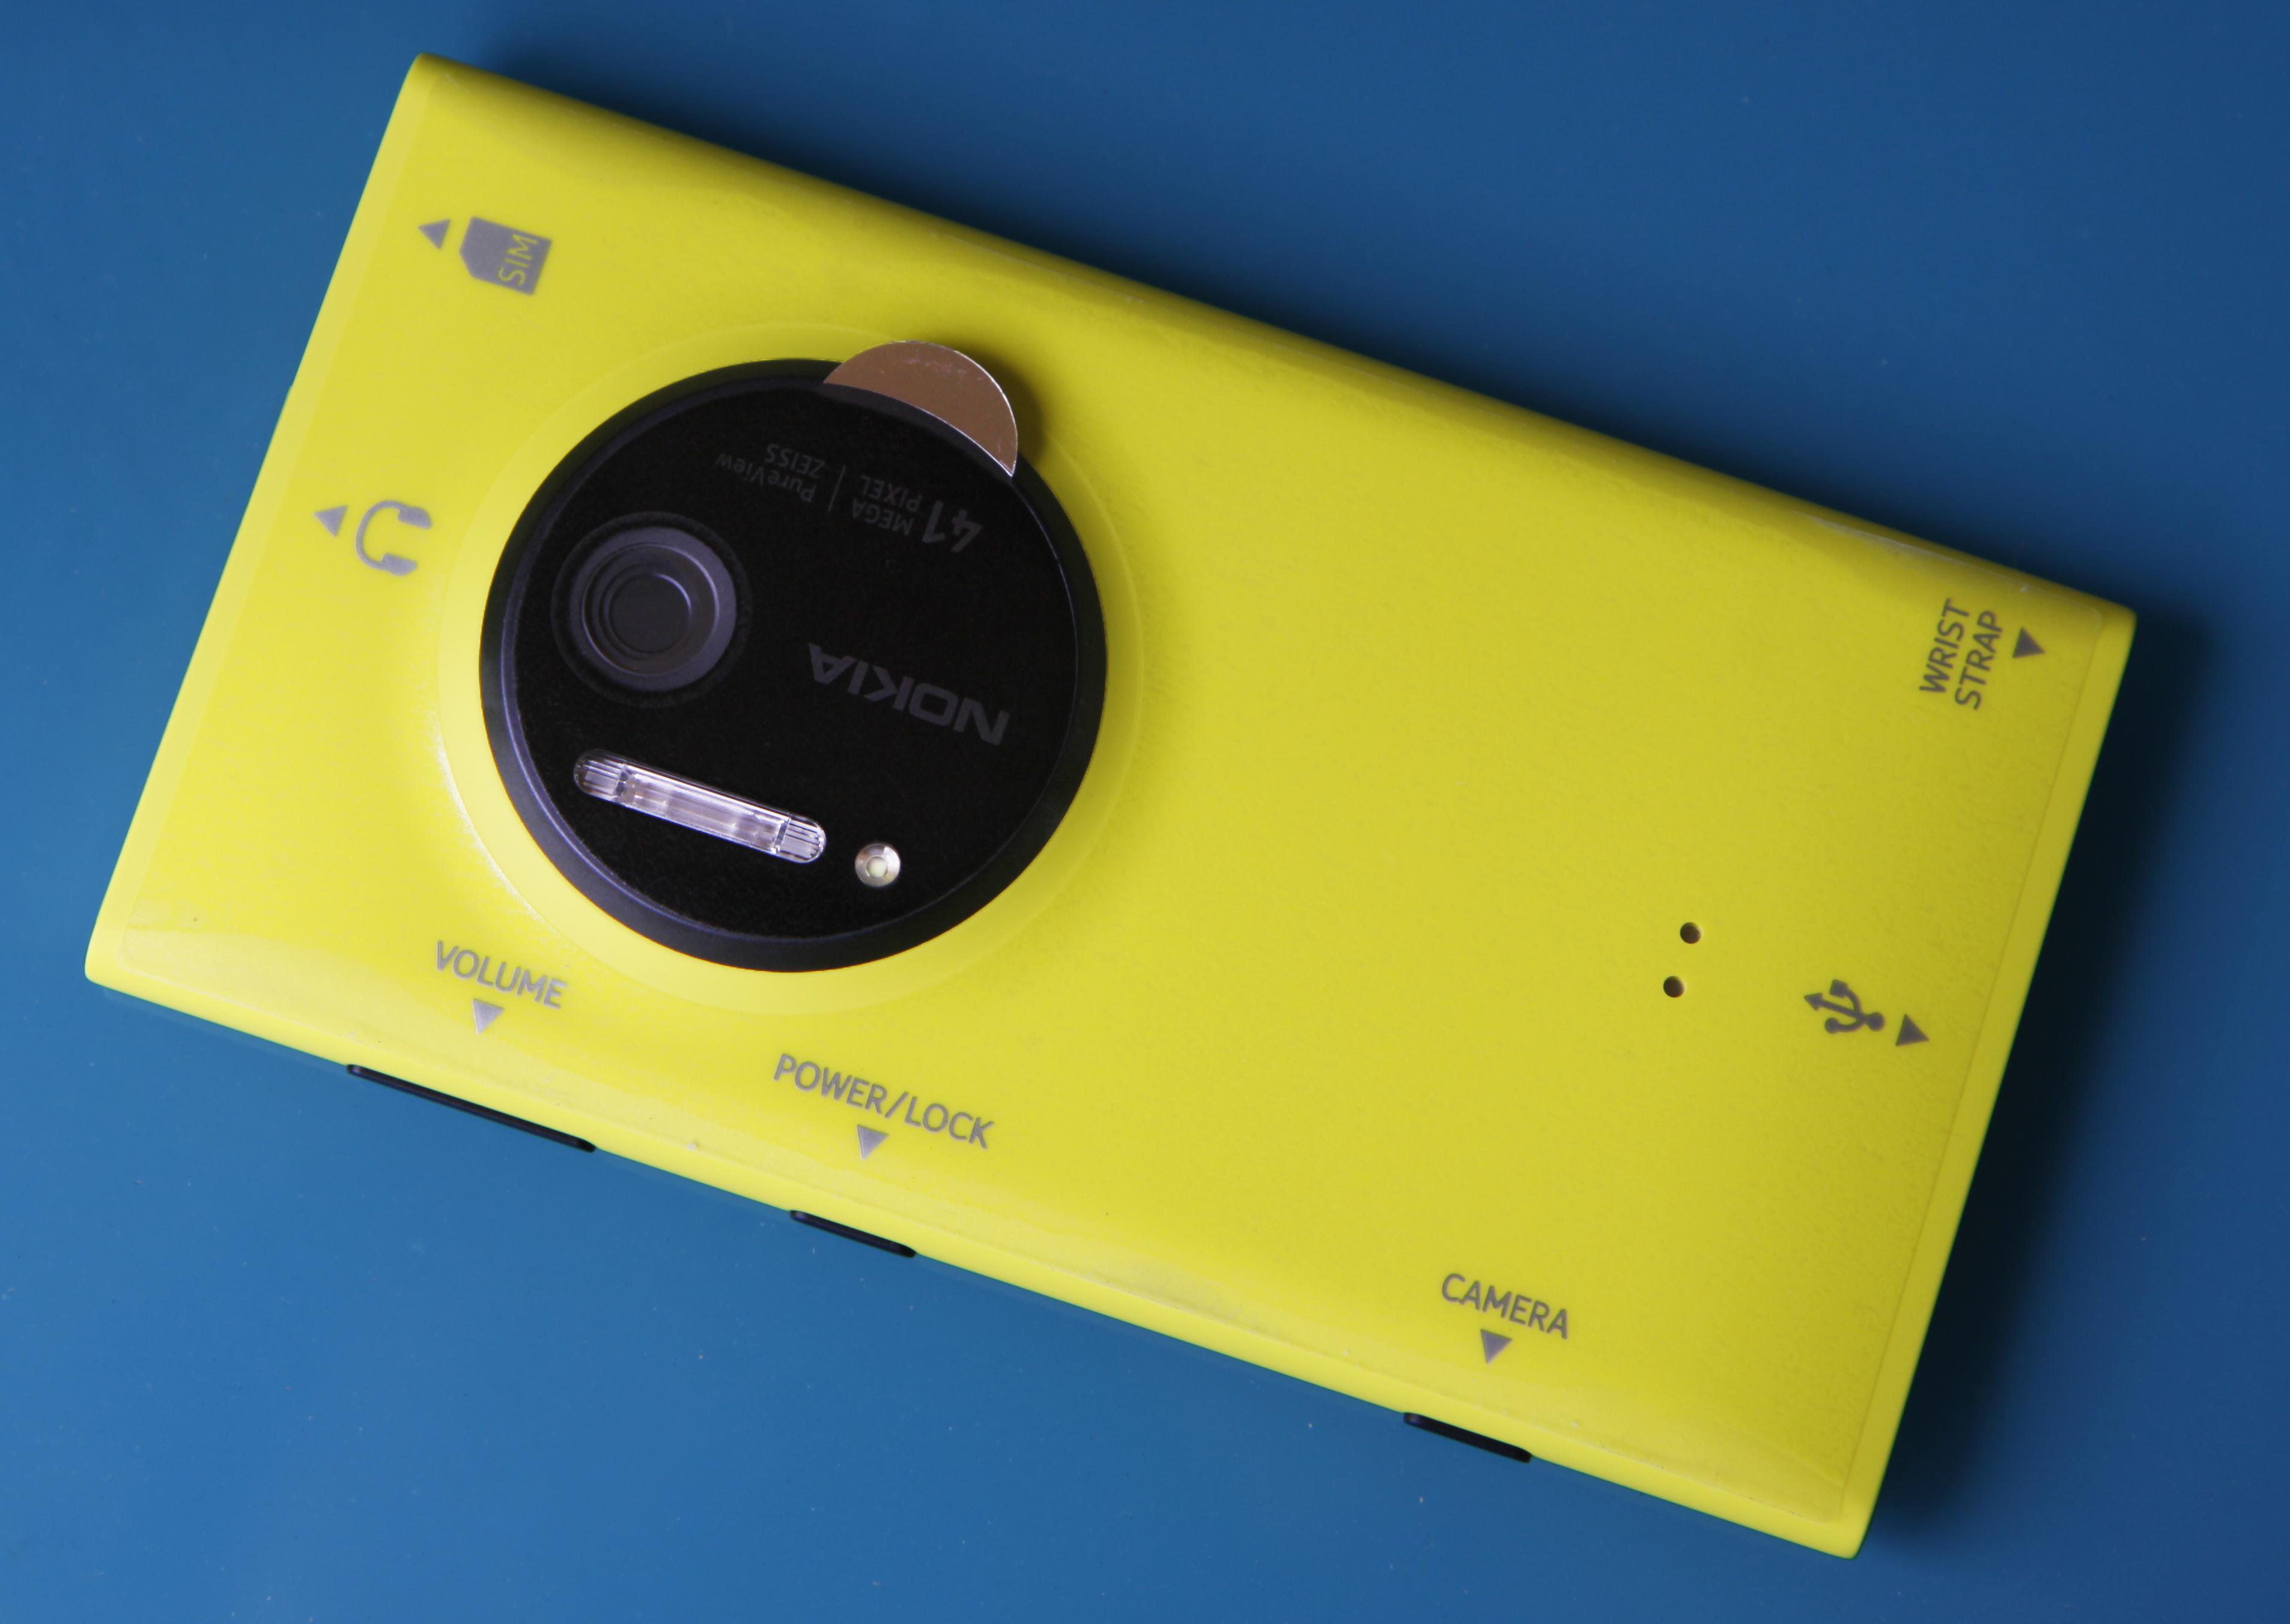 explanatory wrapper - Các sản phẩm tiếp theo của Nokia sẽ không dùng ống kính của Carl Zeiss